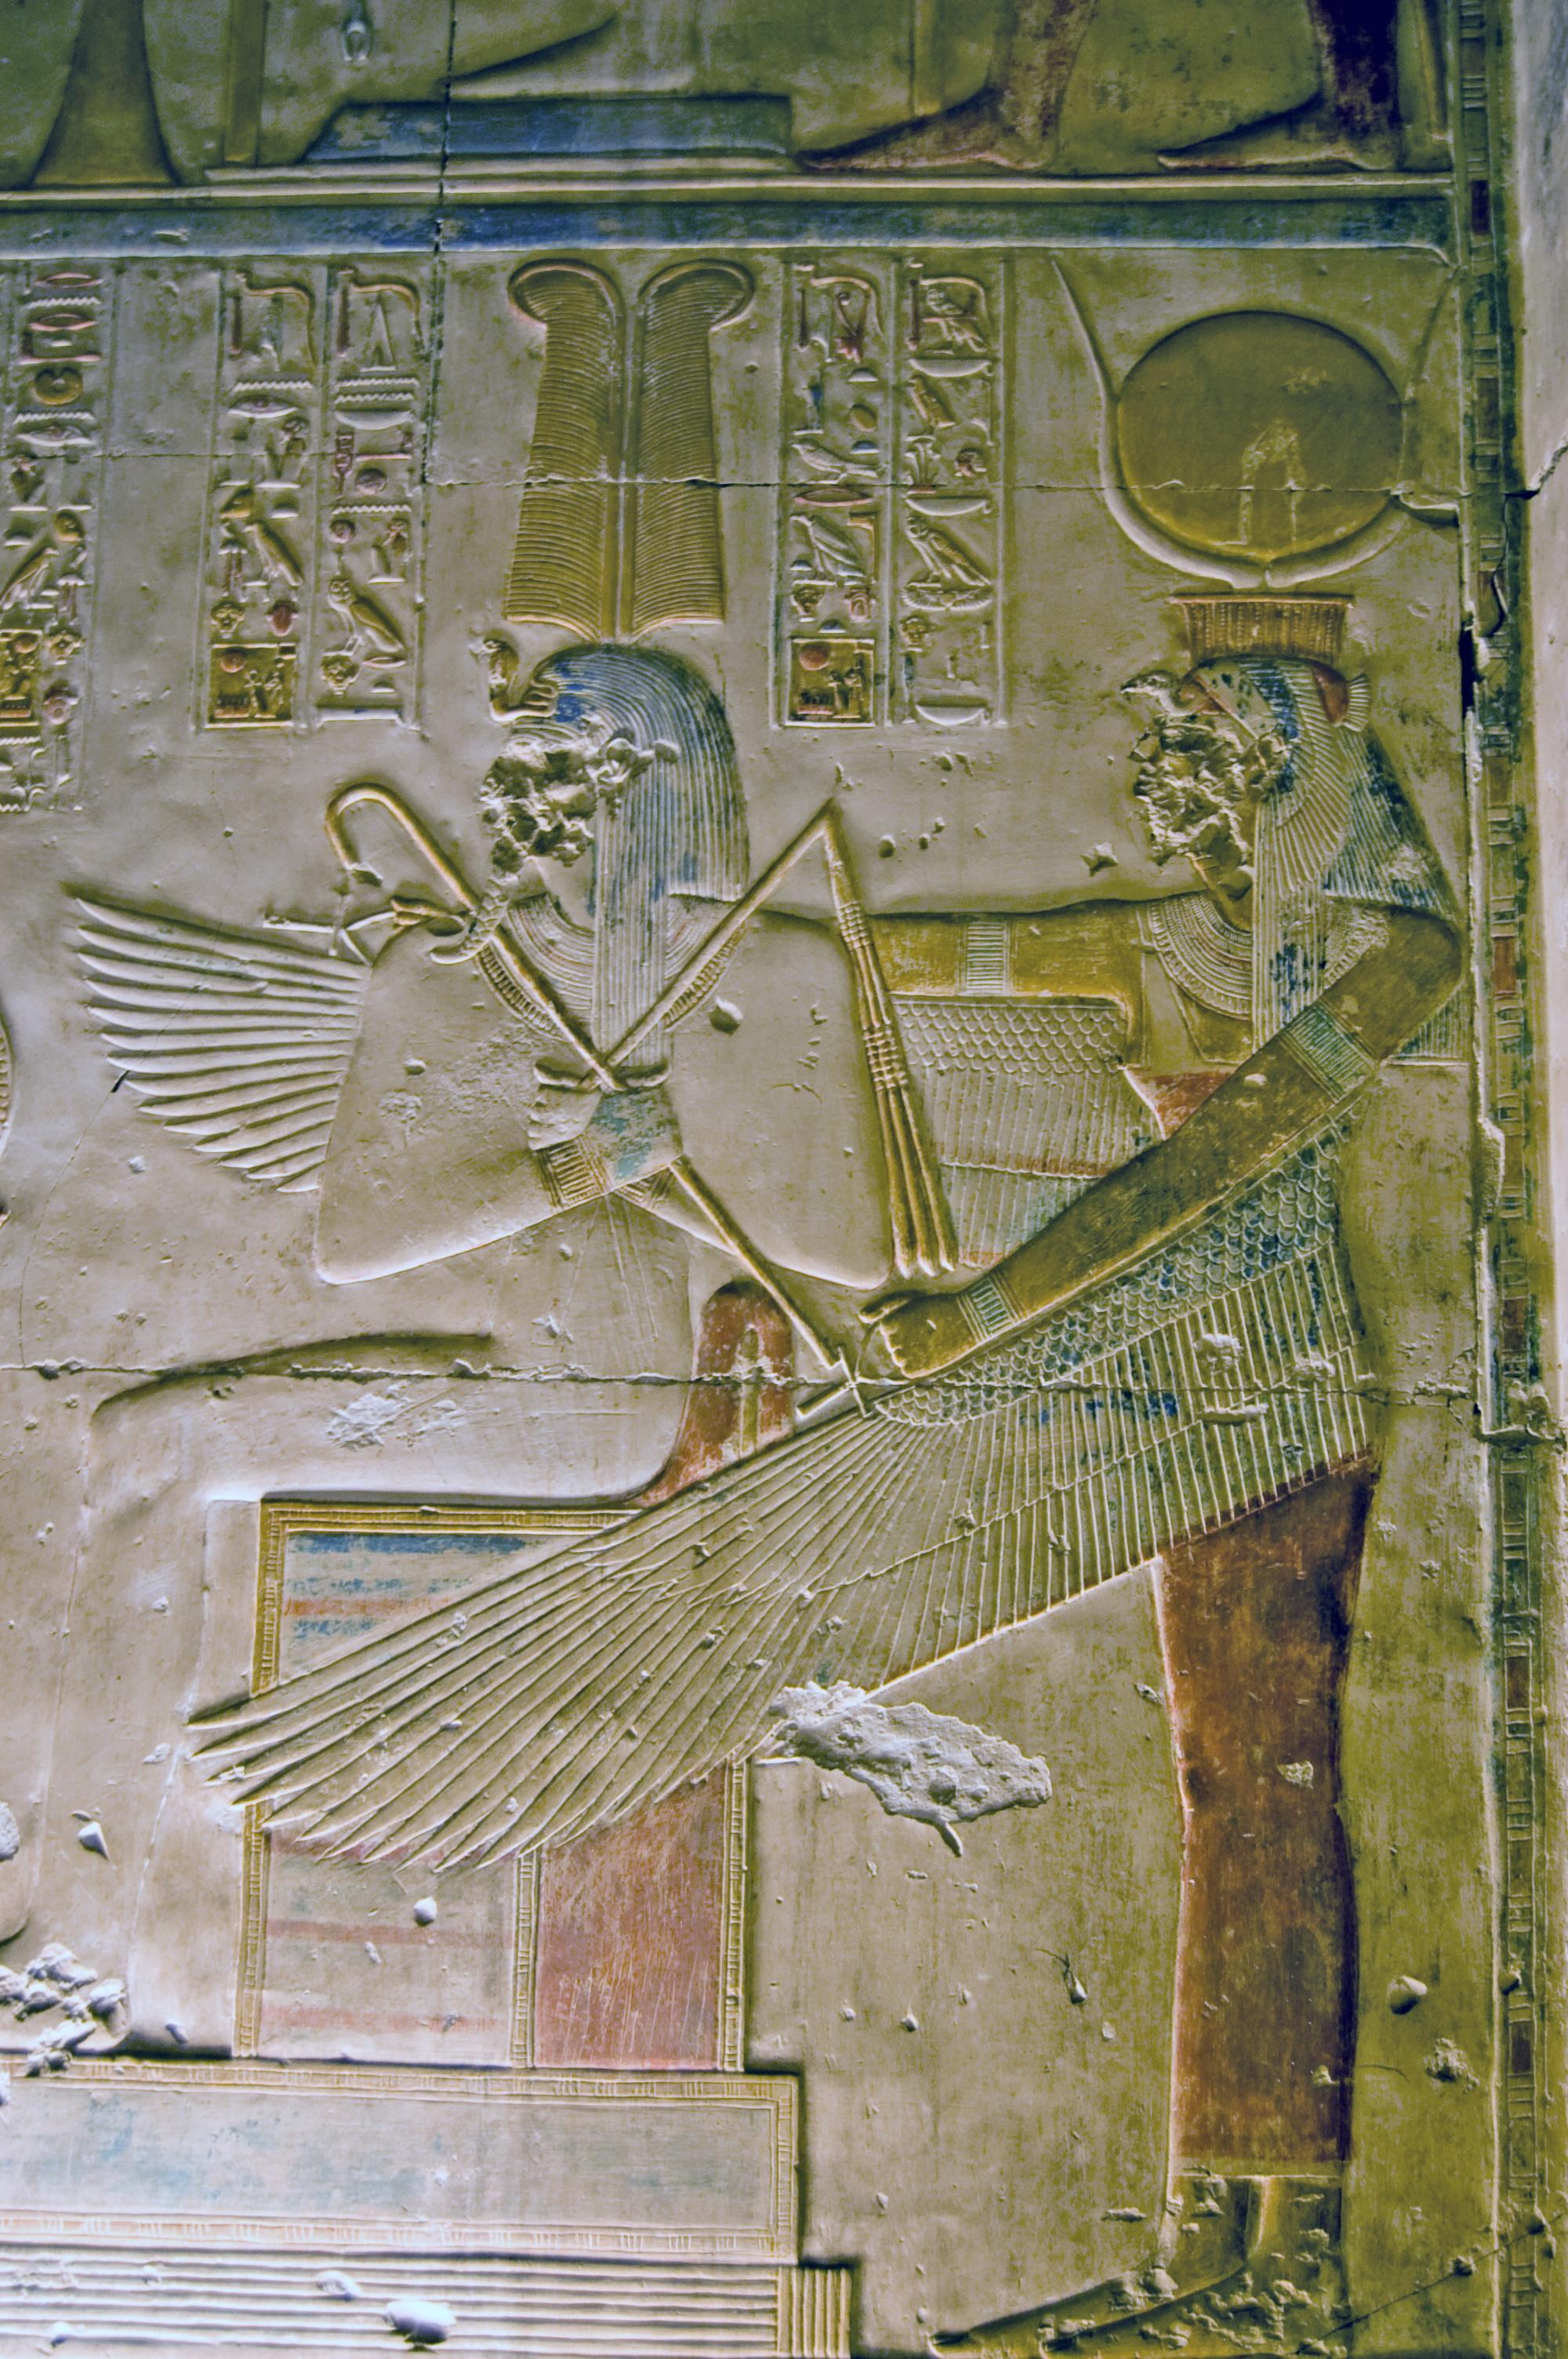 <p><strong>Мут &ndash; богиня-майка, царица на боговете и божествена майка на фараоните &ndash; Скорпион</strong></p>  <p>Ако Мут е вашият знак, най-вероятно сте много фокусиран и целенасочен човек, знаете какво искате и как да го получите. Хората под този знак често са чувствителни и сдържани, но с времето стават по-уверени в себе си, освен това са много щедри, търпеливи и очарователни.</p>